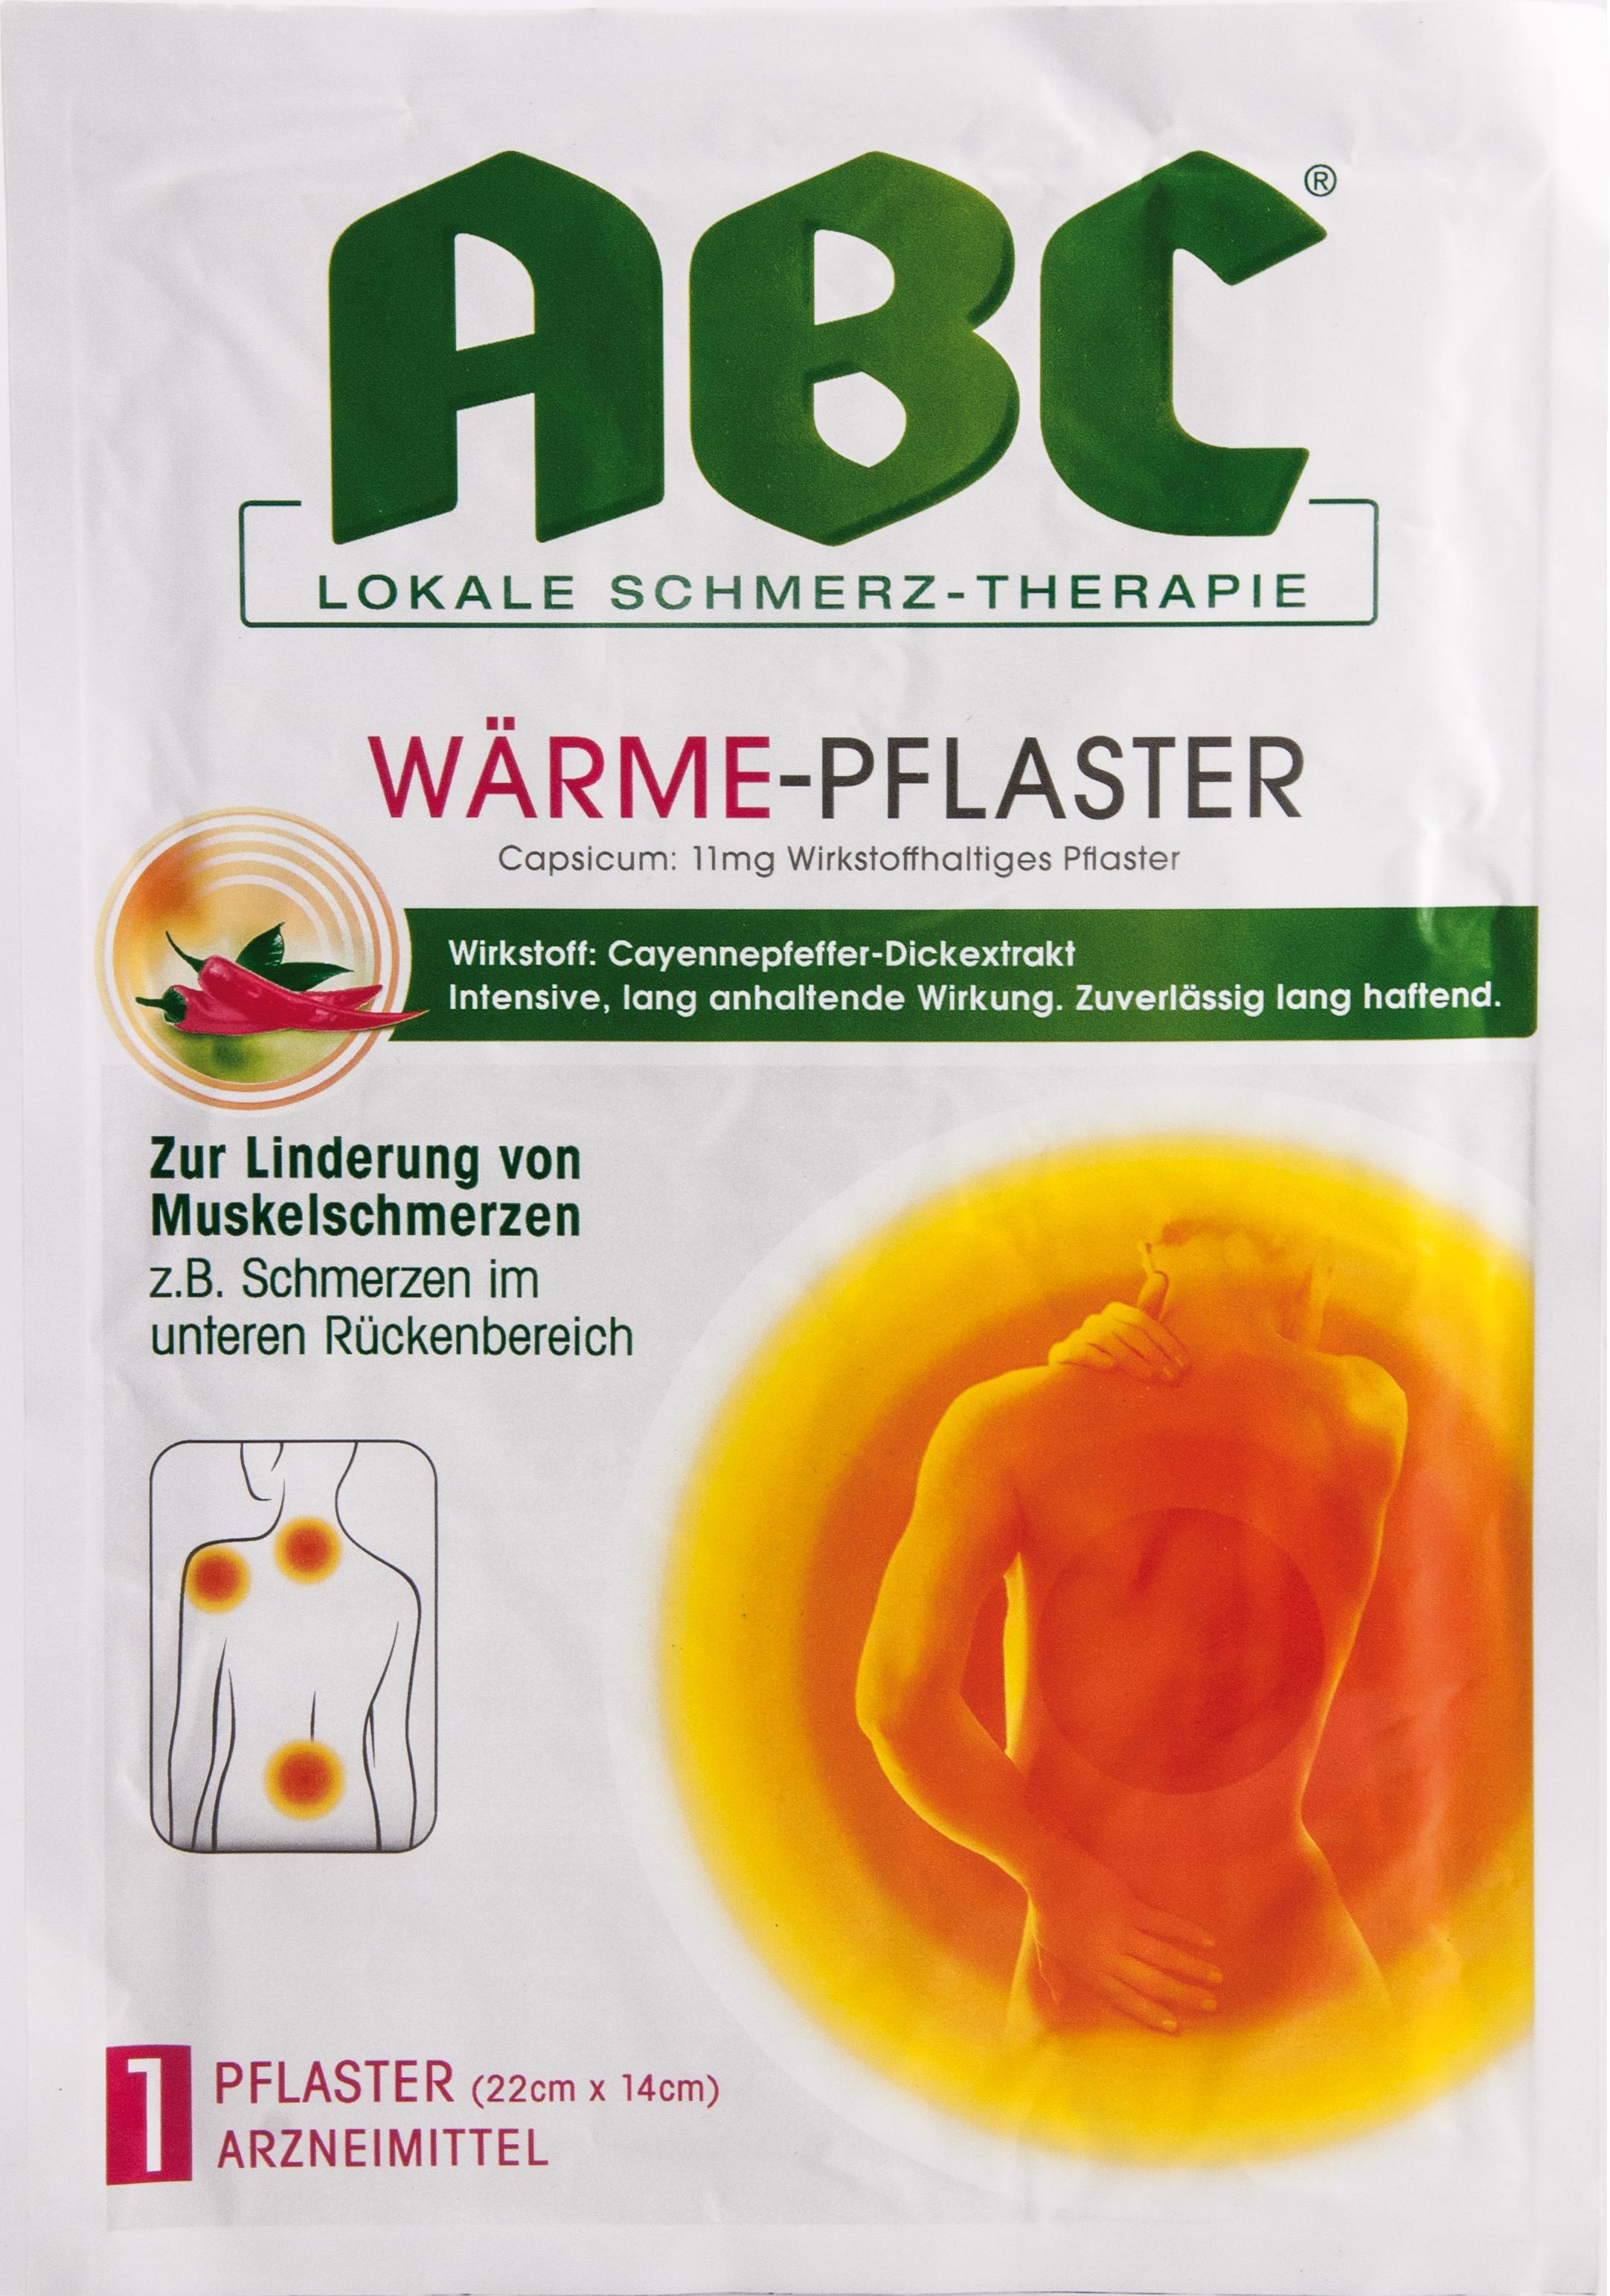 ABC Wärme-Pflaster Capsicum Hansaplast med 22x14